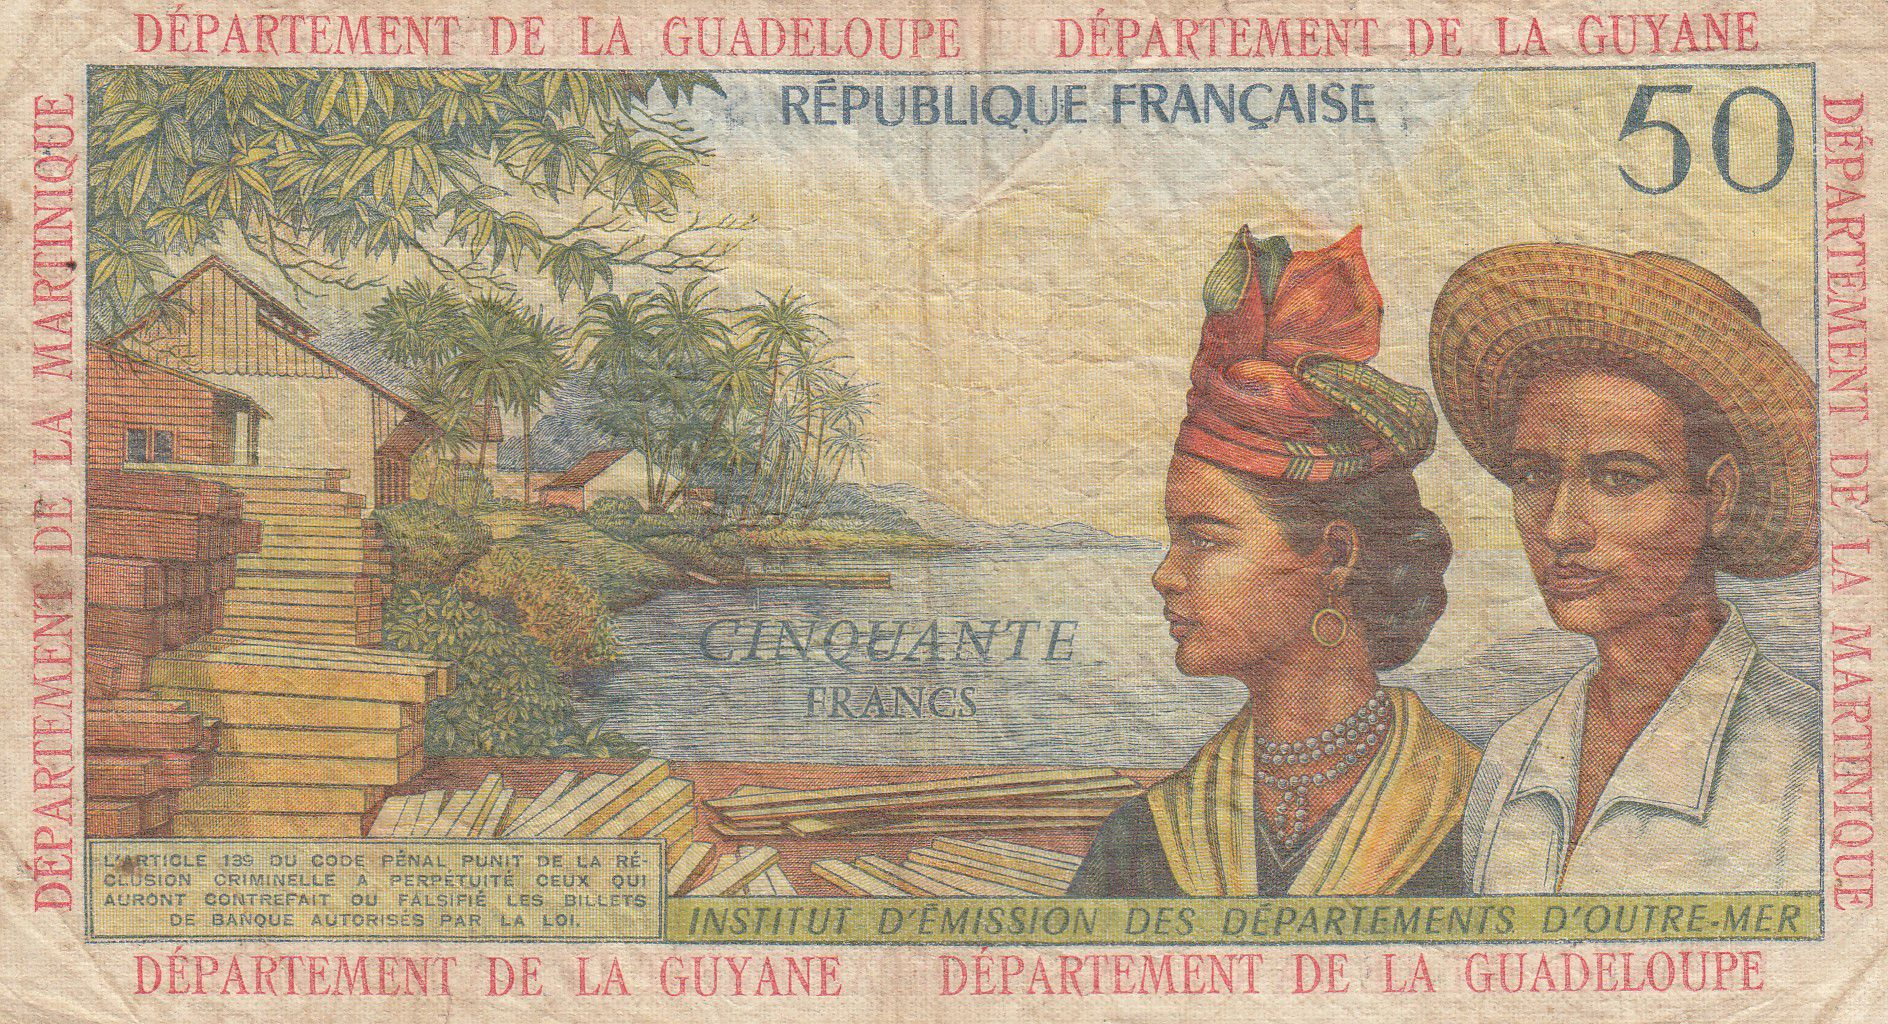 Antilles Françaises 50 Francs Bananiers - 1964 - Série K.2 - TB + - P.9 b